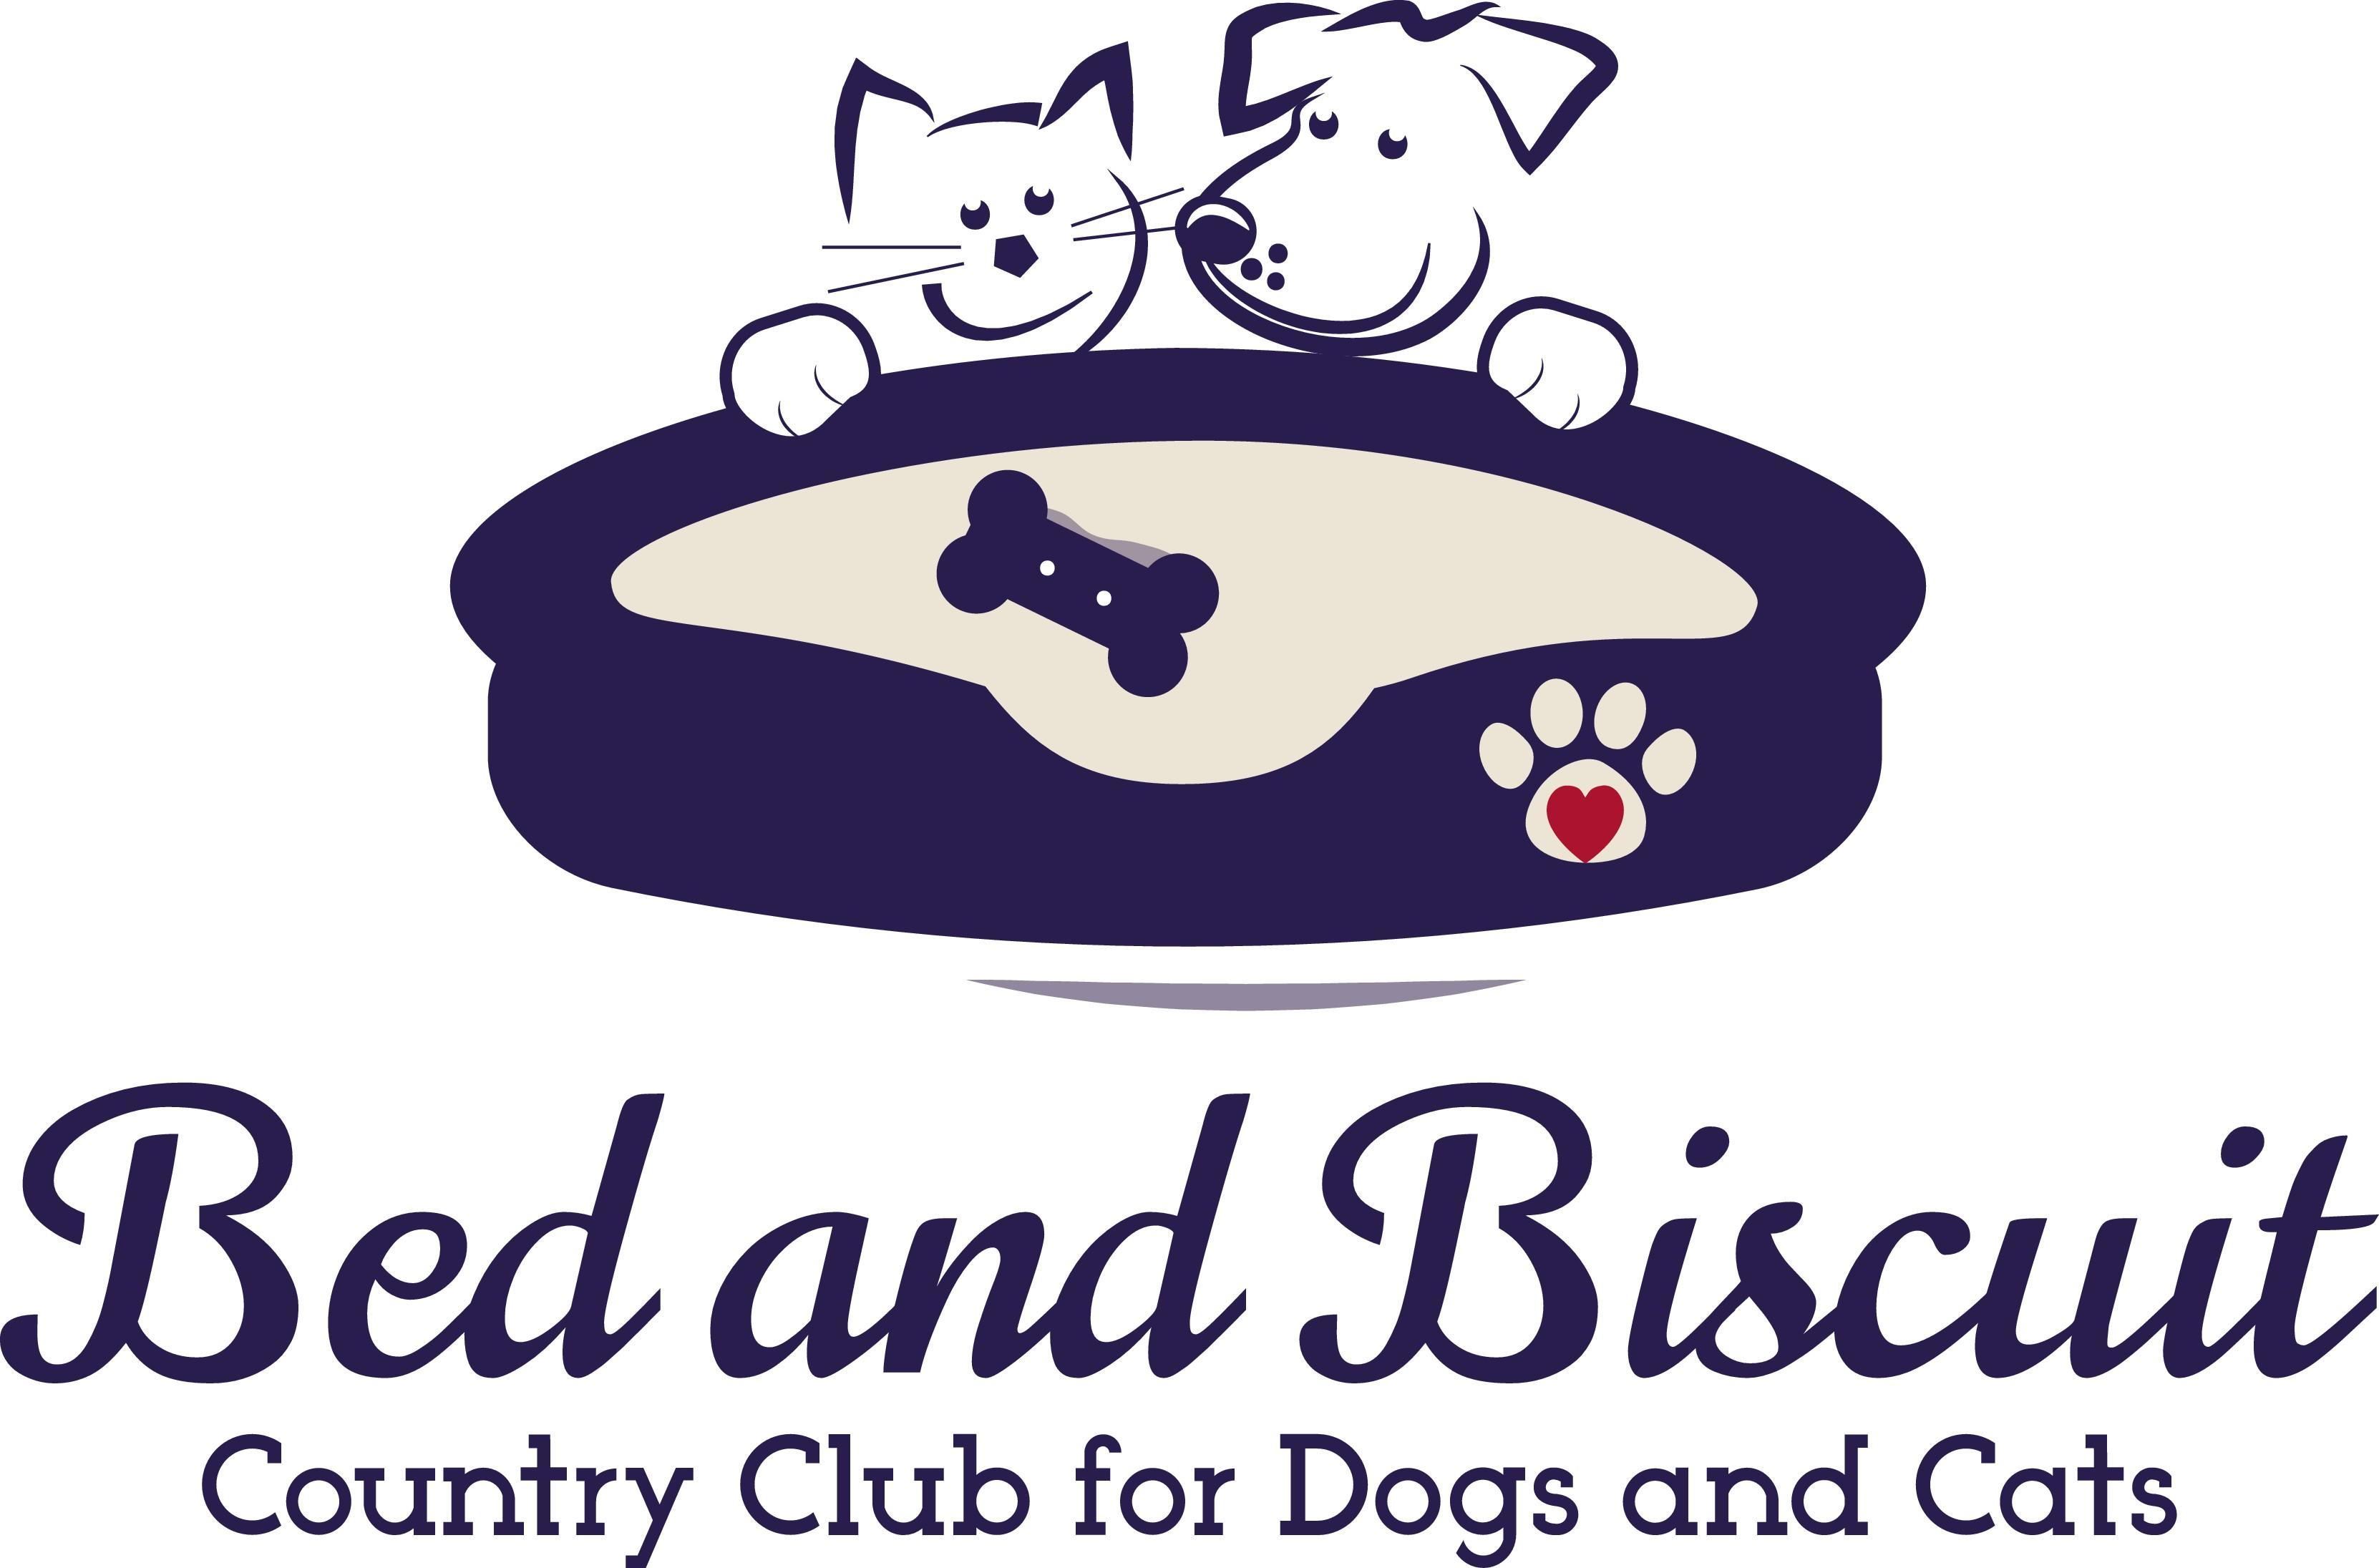 Create a fun logo for a pet country club